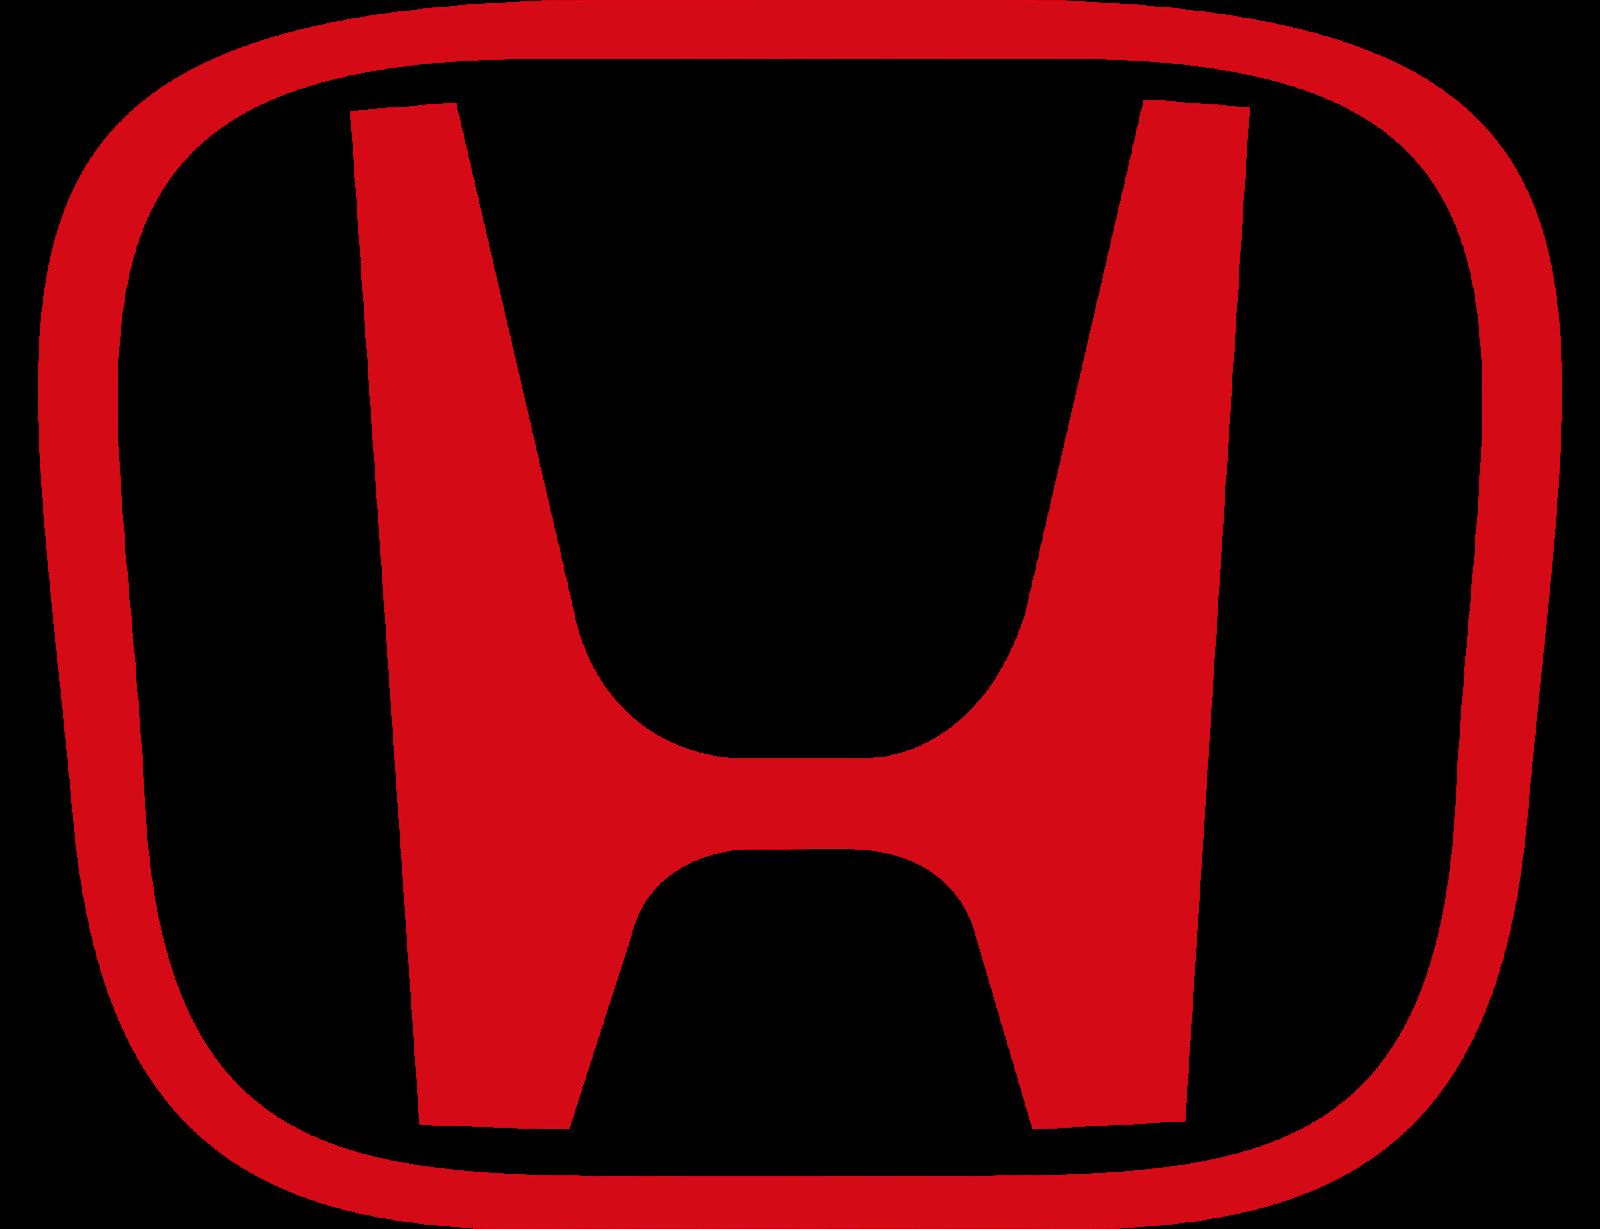 honda h logo